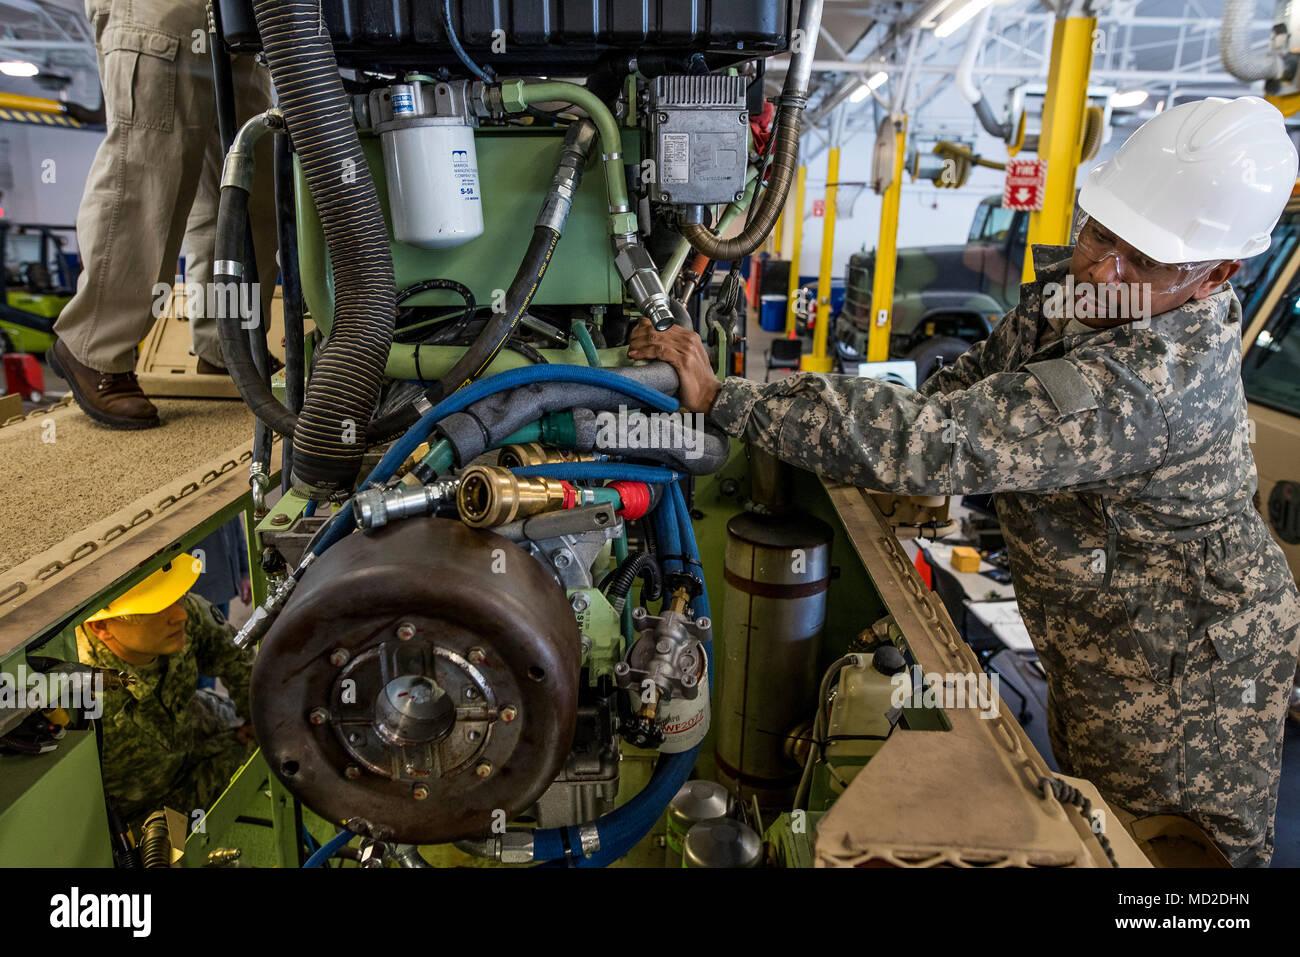 U S Army Mechanics Stock Photos & U S Army Mechanics Stock